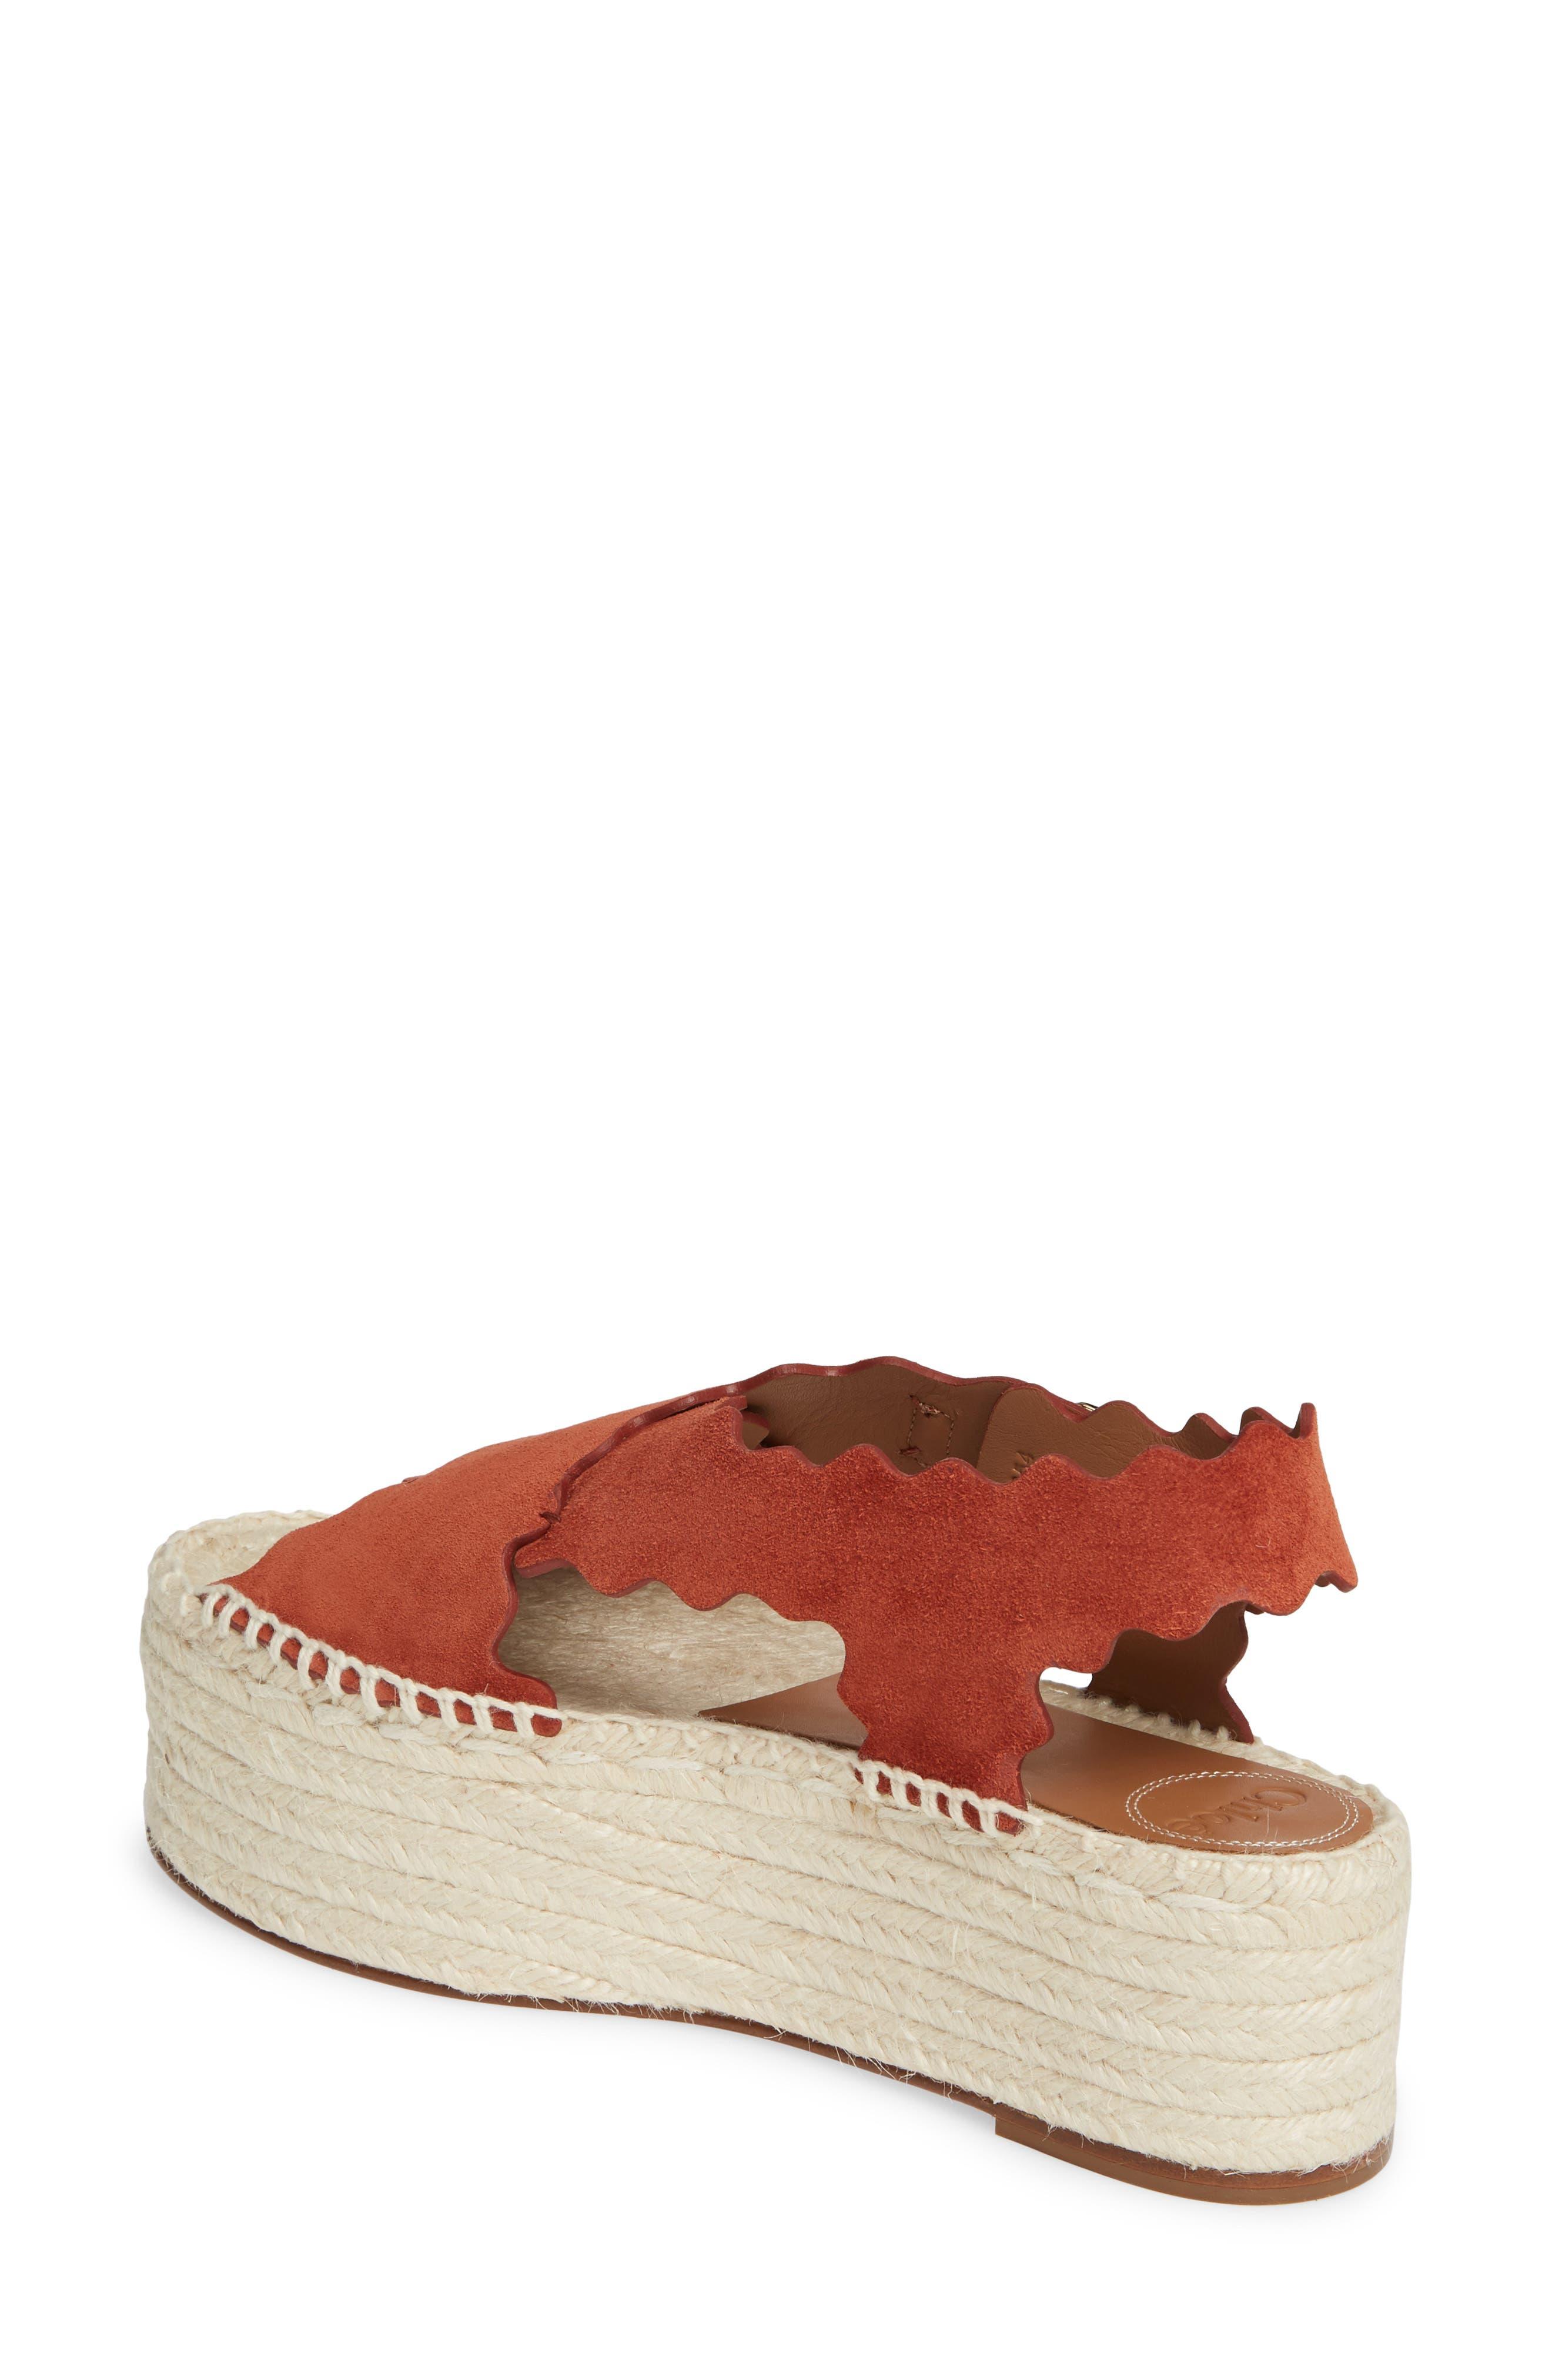 CHLOÉ, Lauren Scalloped Flatform Sandal, Alternate thumbnail 2, color, EARTHY RED